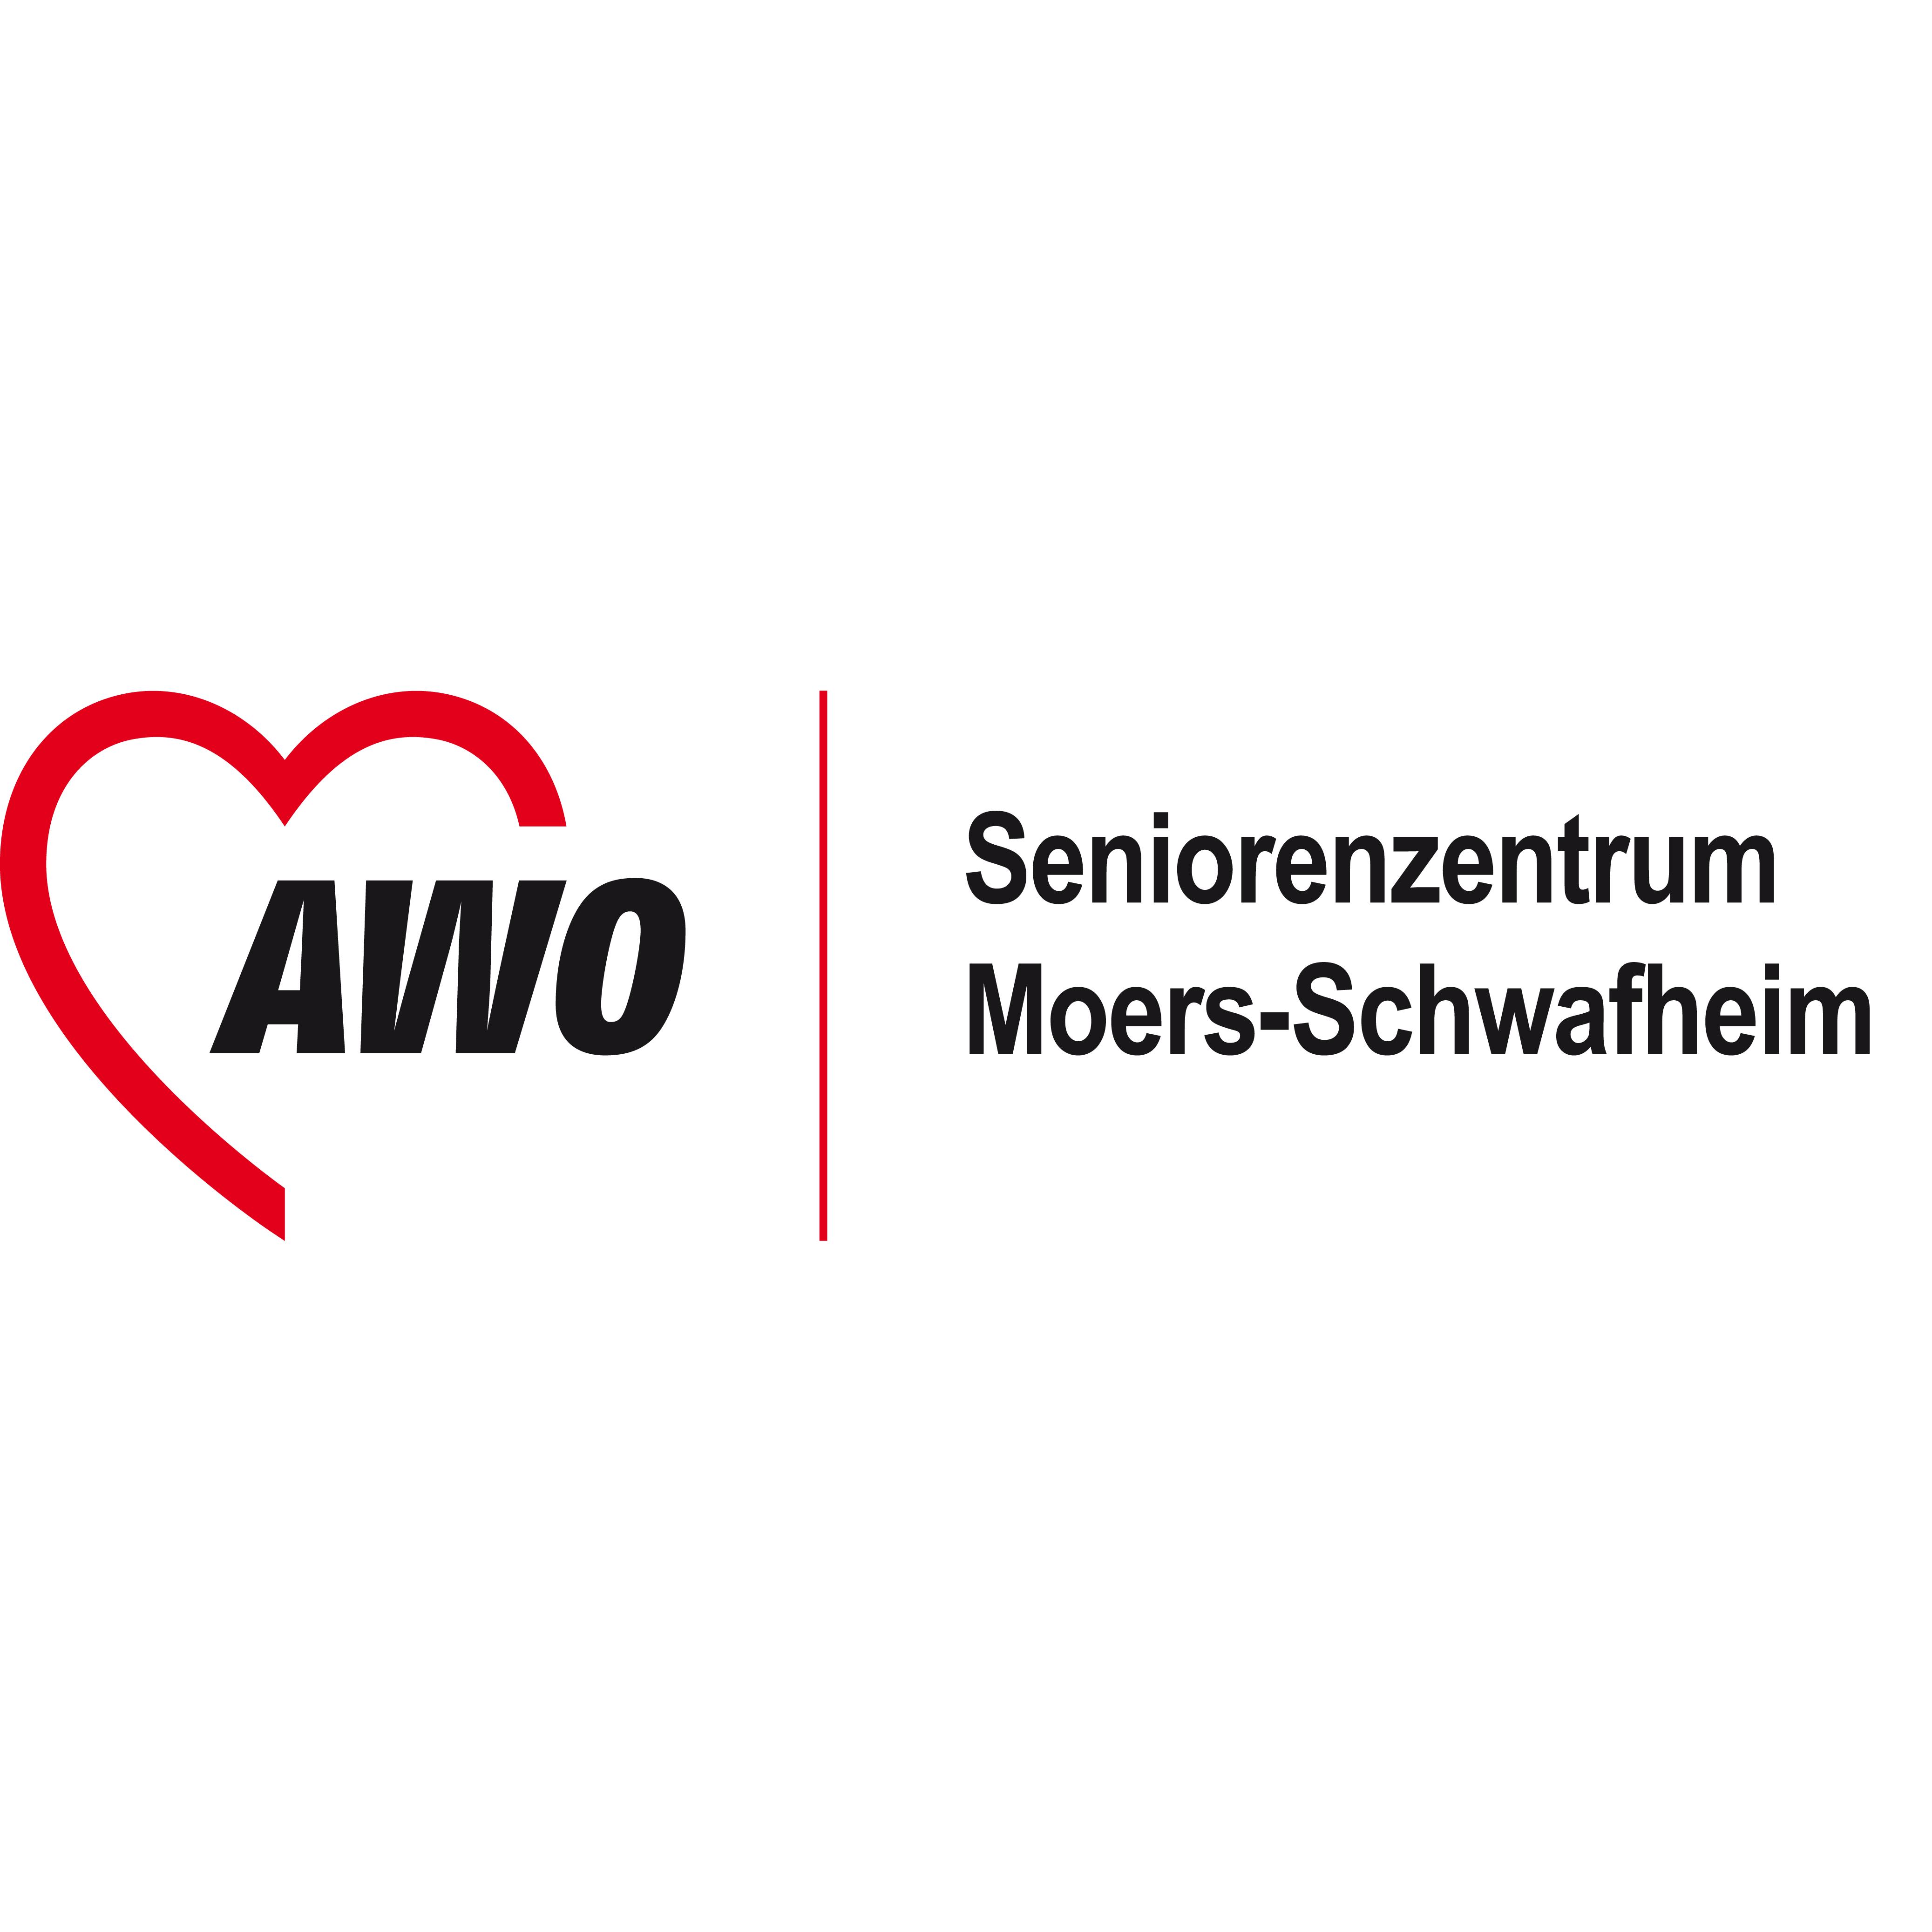 Bild zu Niederrhein gGmbH AWO Seniorendienste in Moers